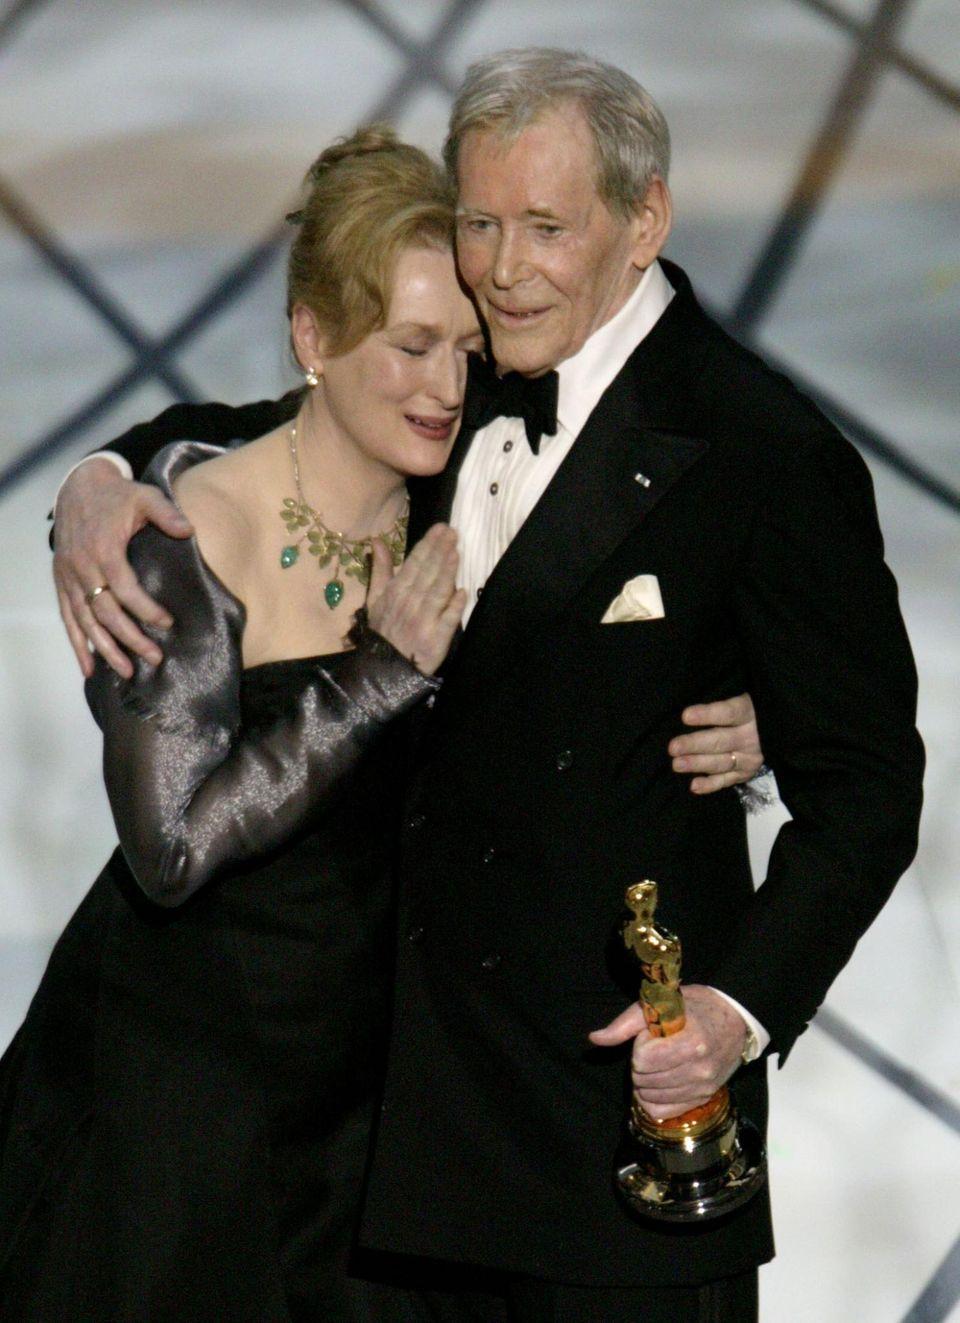 Meryl Streep verleiht Peter O'Toole 2003 den Ehren-Oscar für sein Lebenswerk.